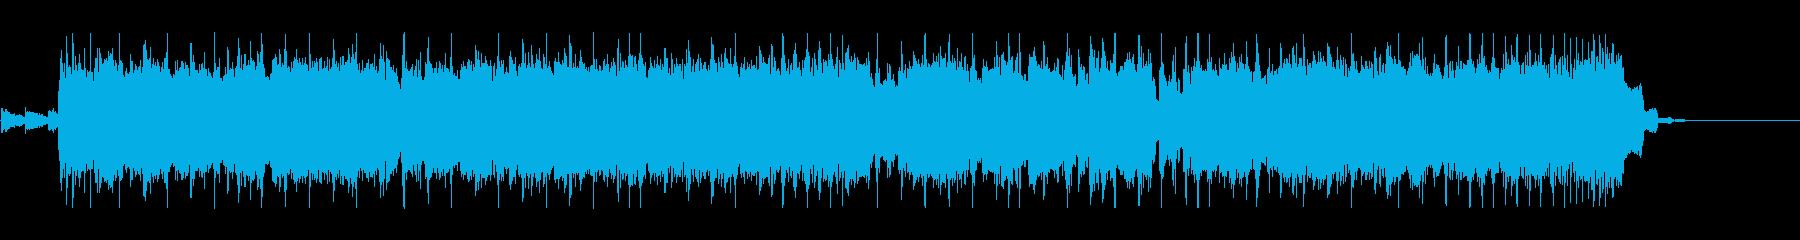 へヴィロックなBGMの再生済みの波形